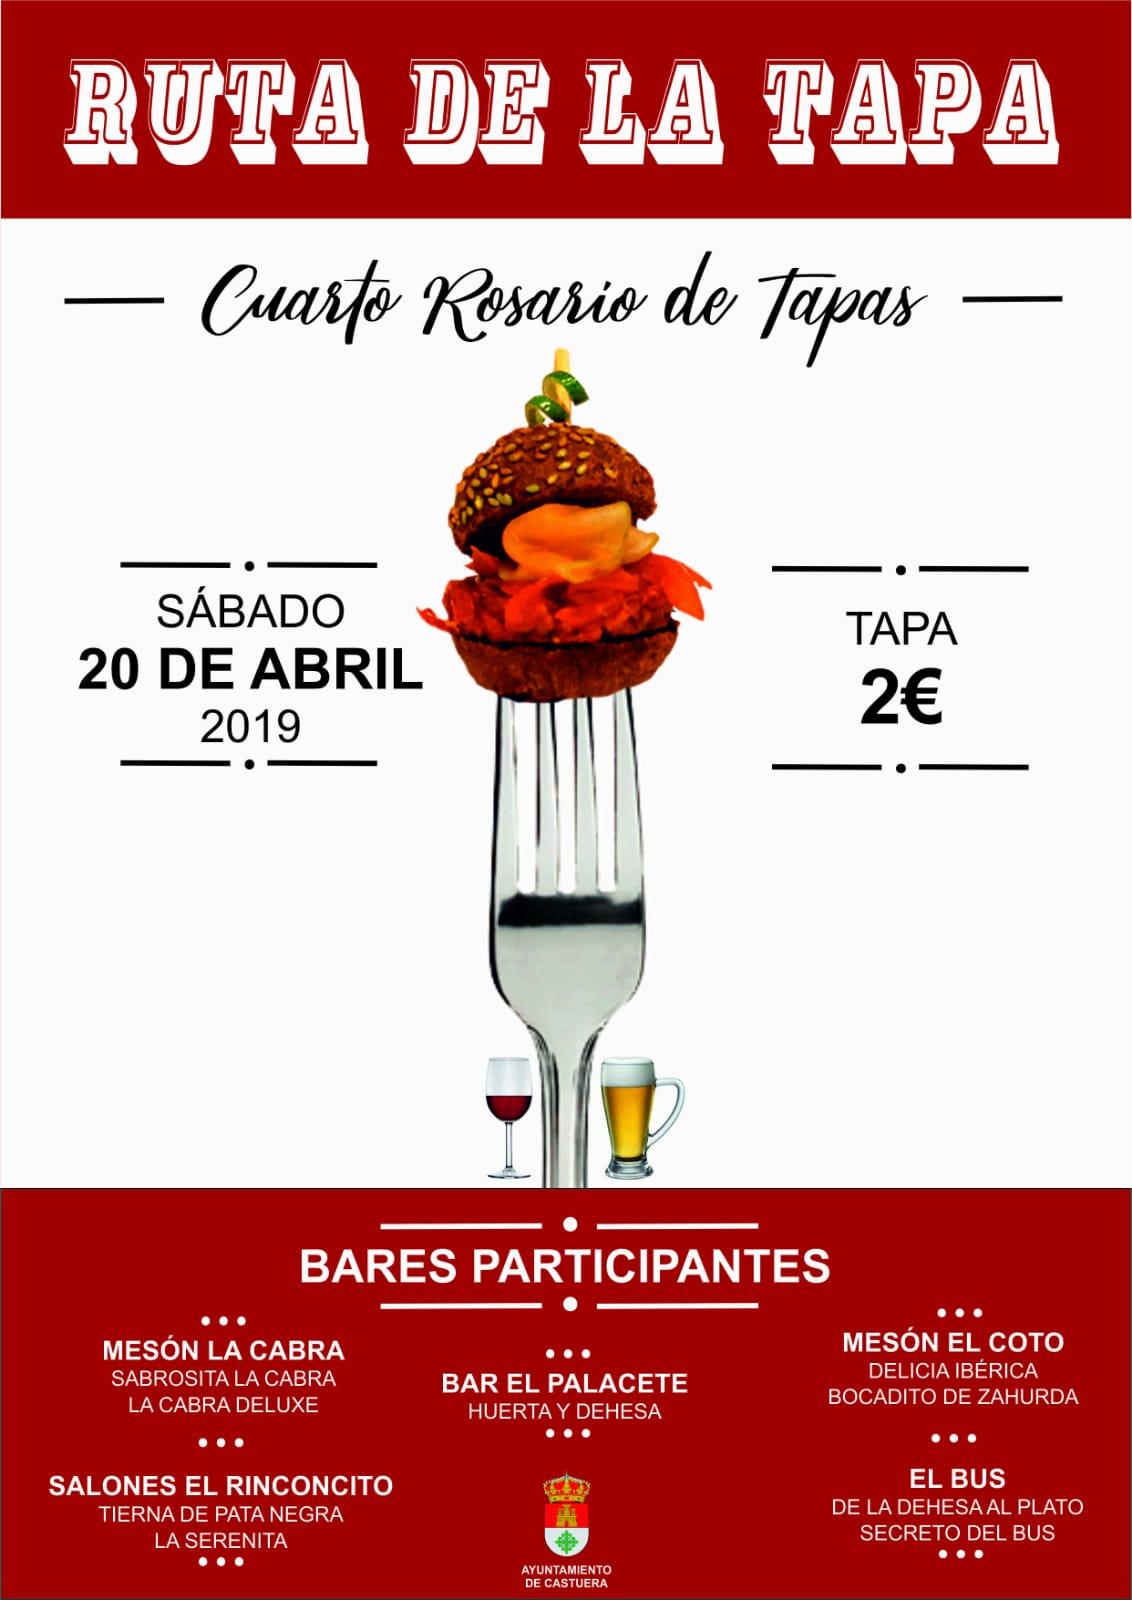 La ruta de la tapa 'Cuarto Rosario de Tapas' vuelve a la cita con 5 bares participantes